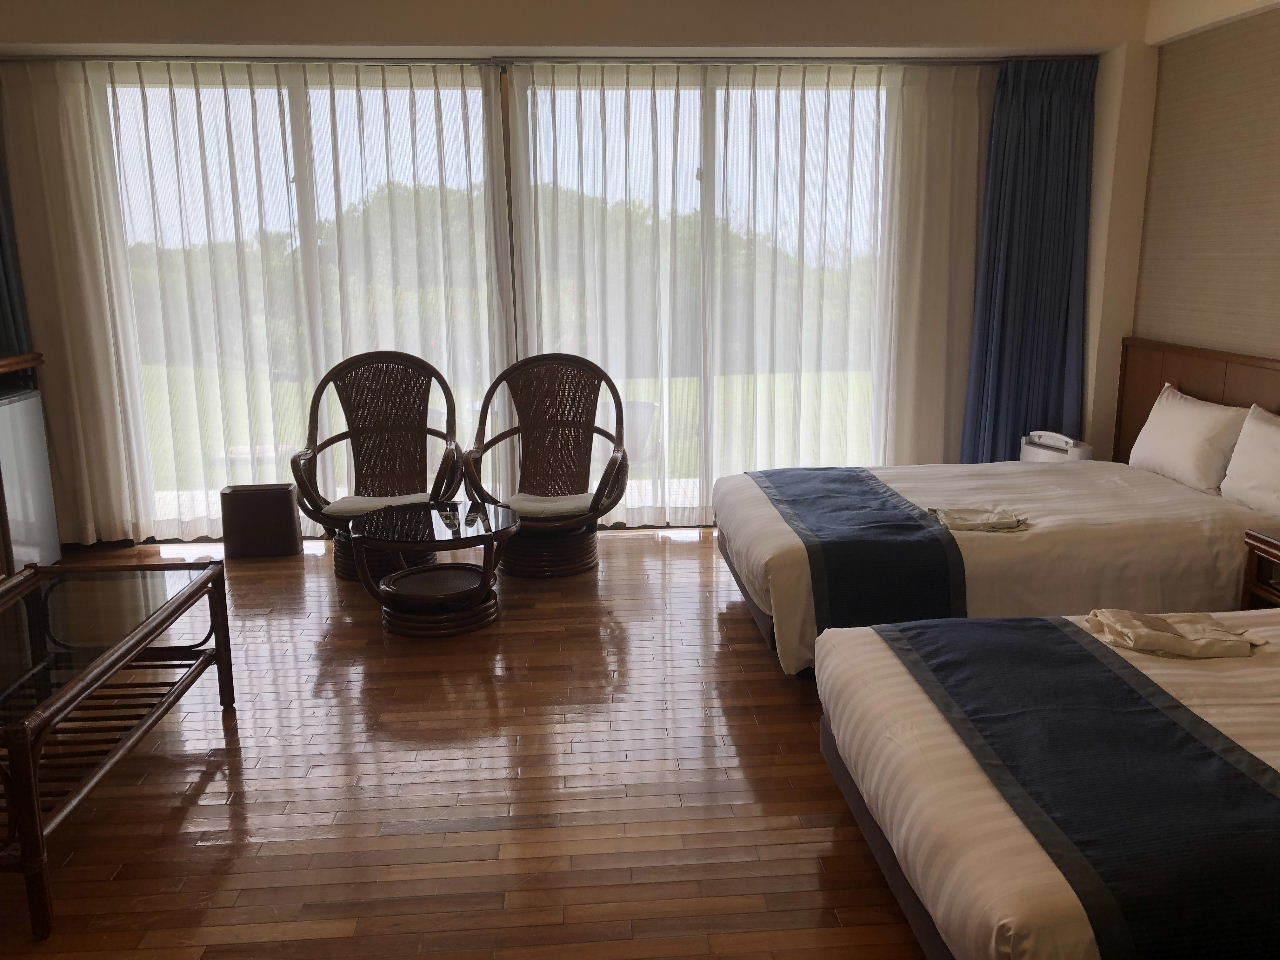 石垣5島めぐり・・最後の小浜島観光とリゾート・ホテル「はいむるぶし」 _c0011649_08153441.jpg